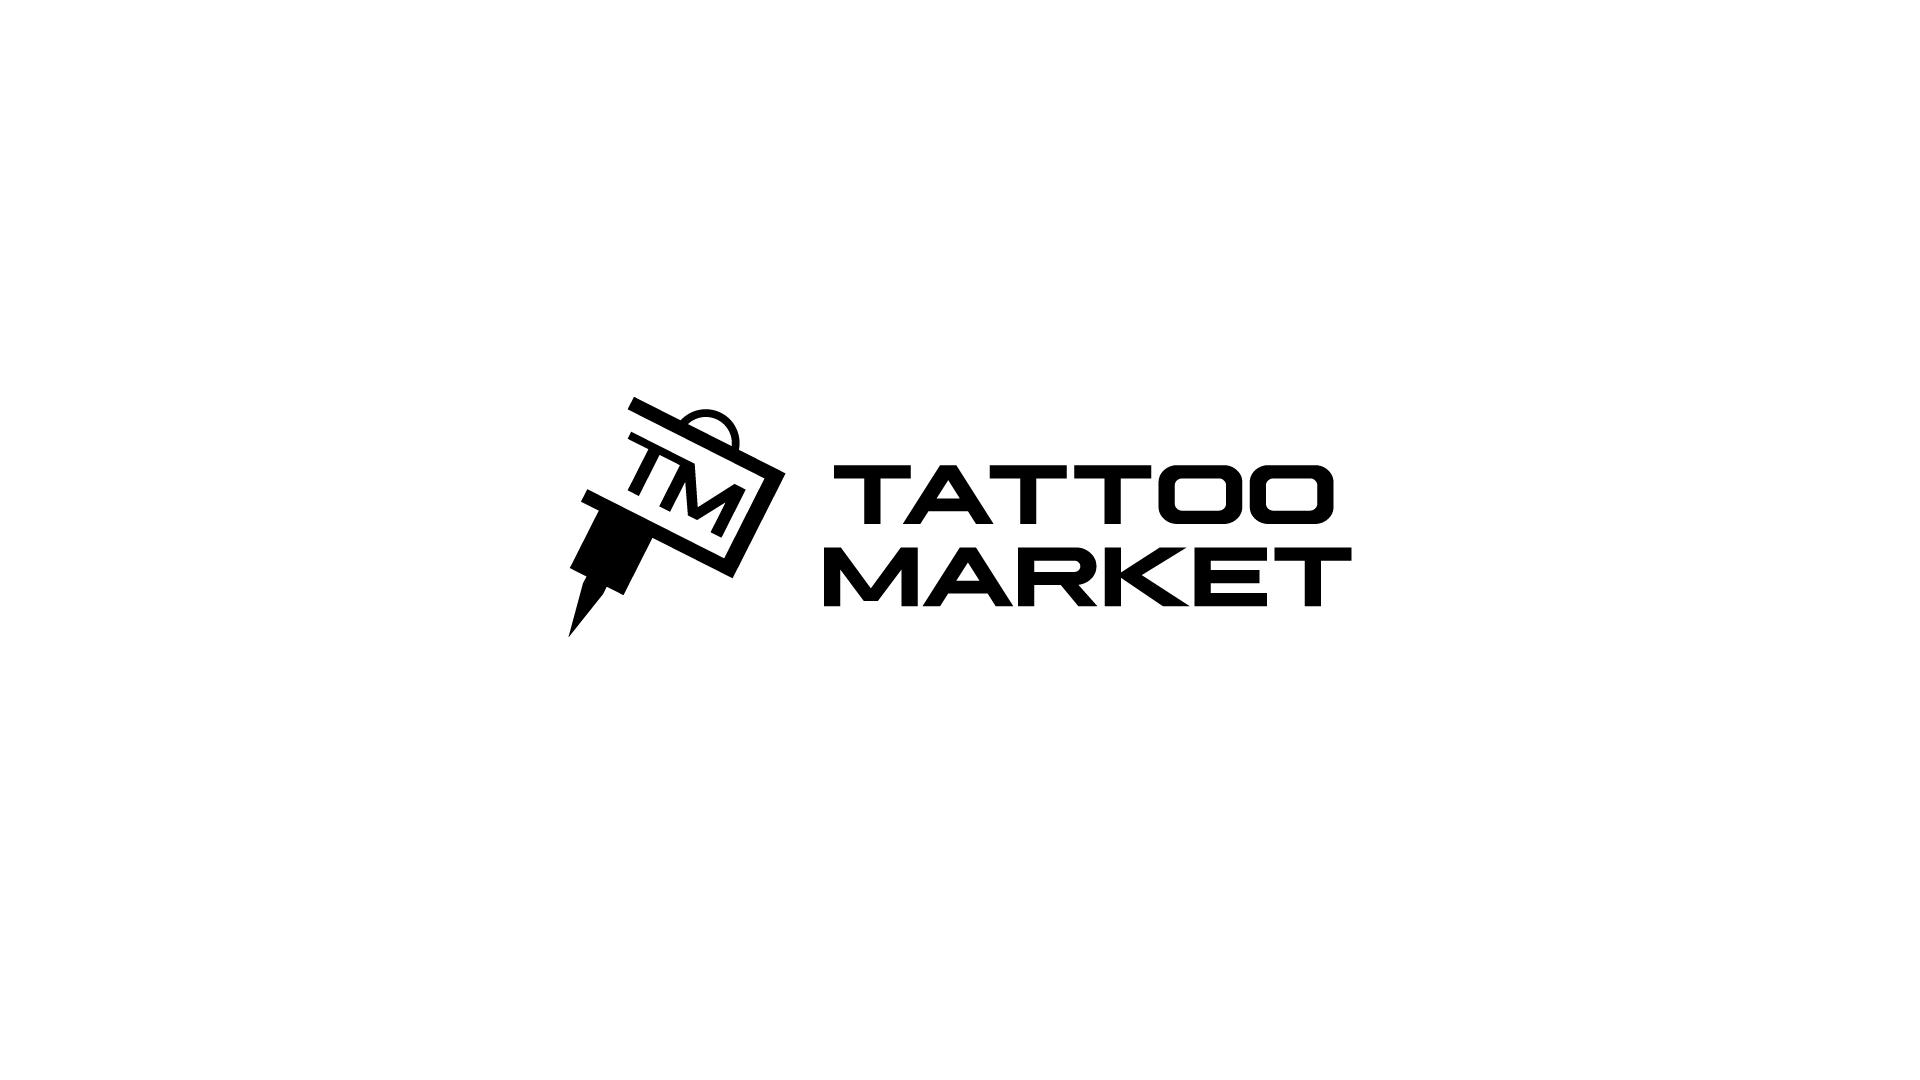 Редизайн логотипа магазина тату оборудования TattooMarket.ru фото f_6585c408c668e4d7.png